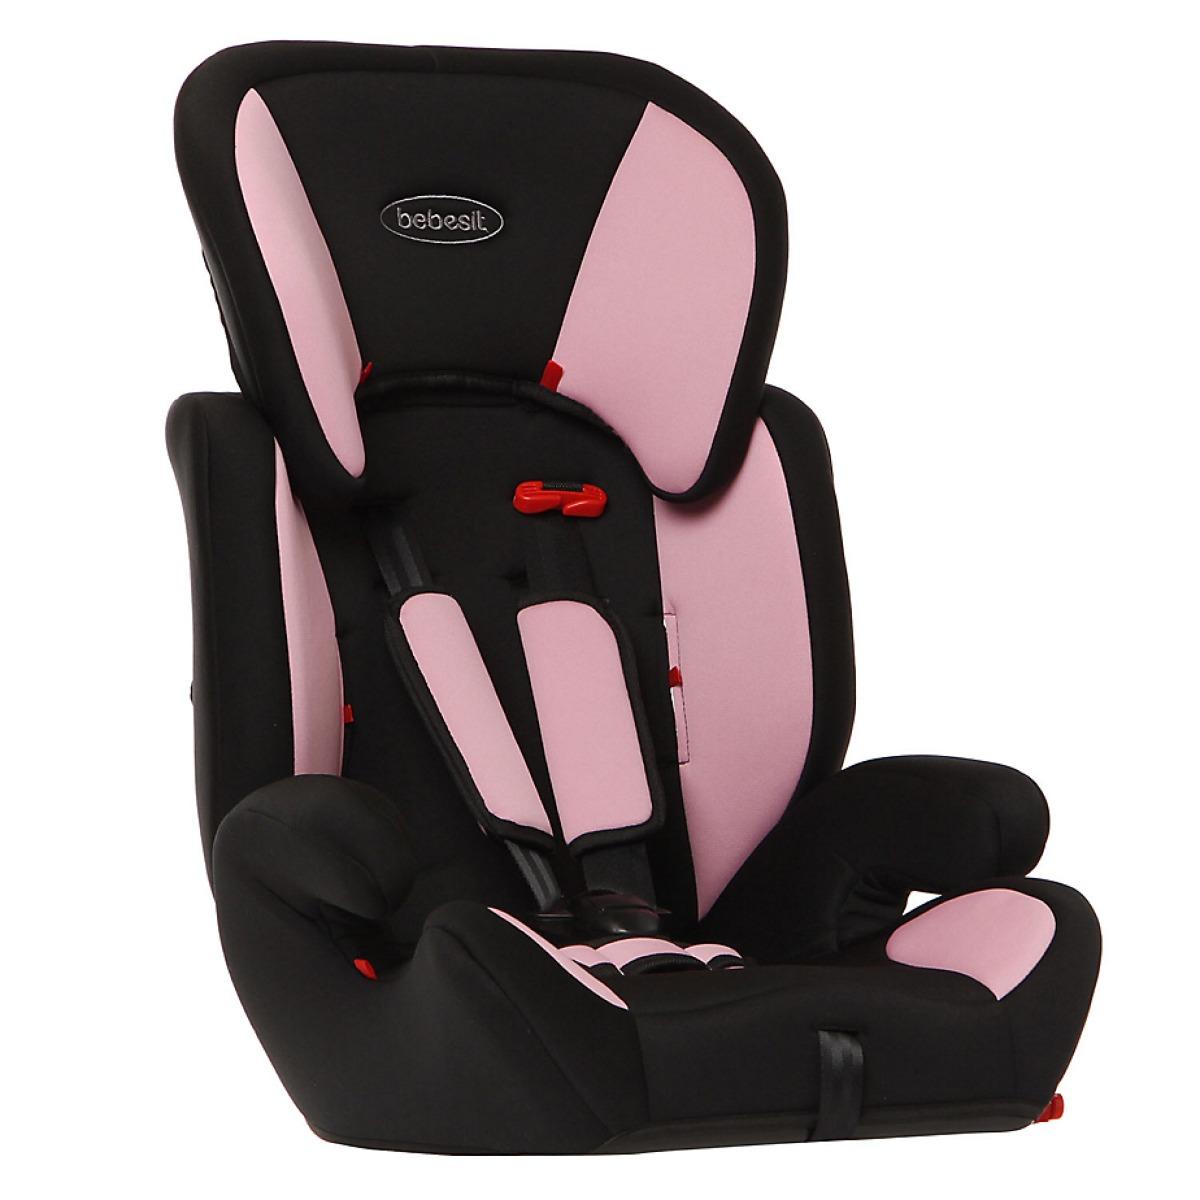 Silla de auto bebesit nueva en mercado libre for Silla de auto bebe